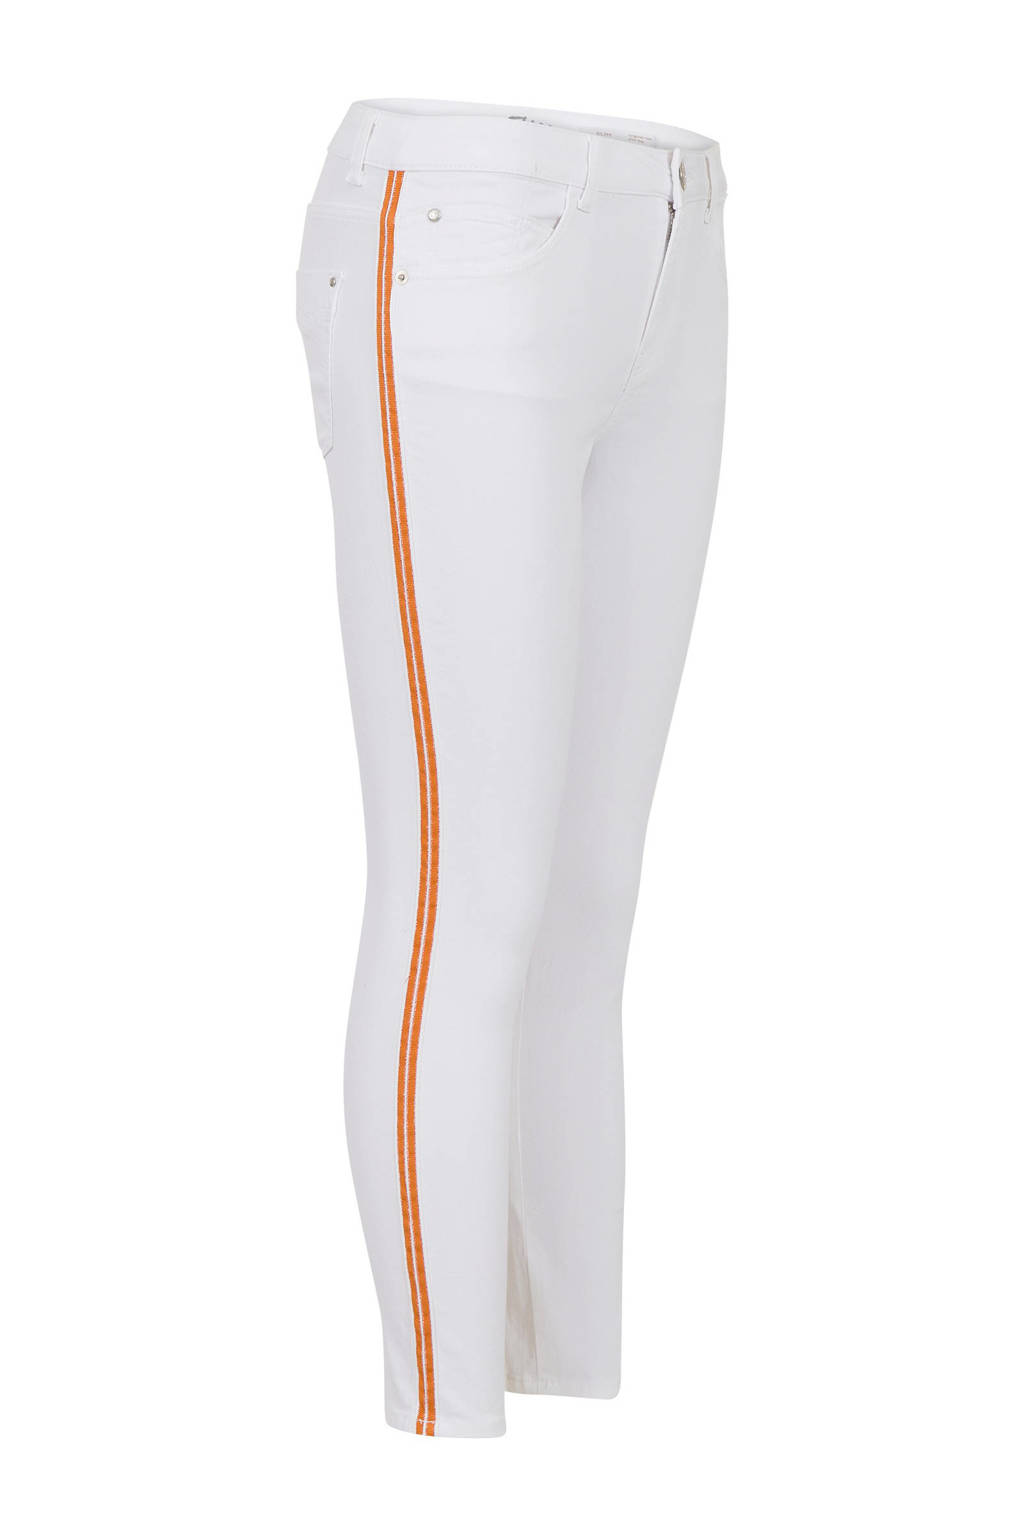 Miss Etam Regulier cropped skinny broek Elise met zijstreep wit, Wit